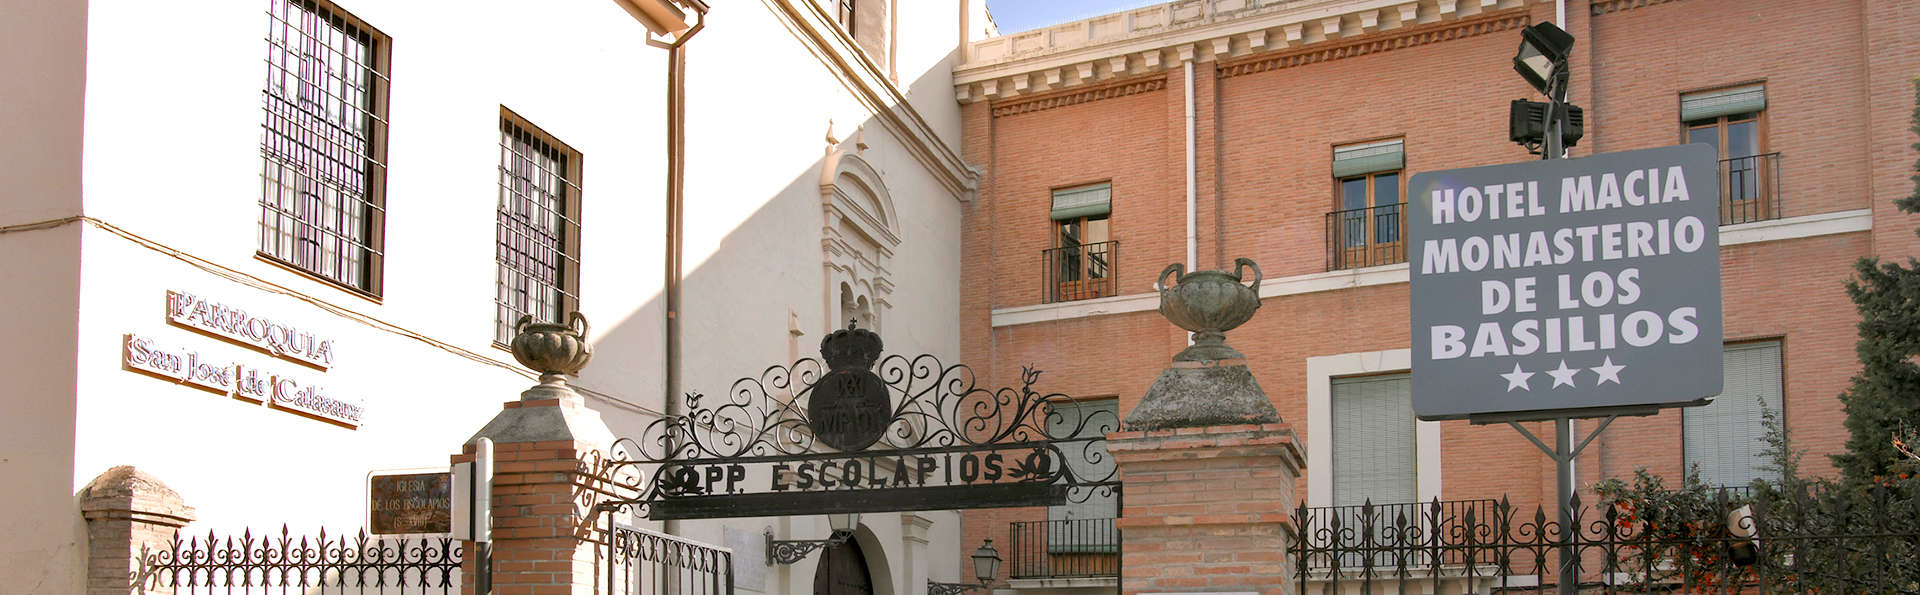 Hotel Maciá Monasterio de los Basilios - Edit_Front2.jpg